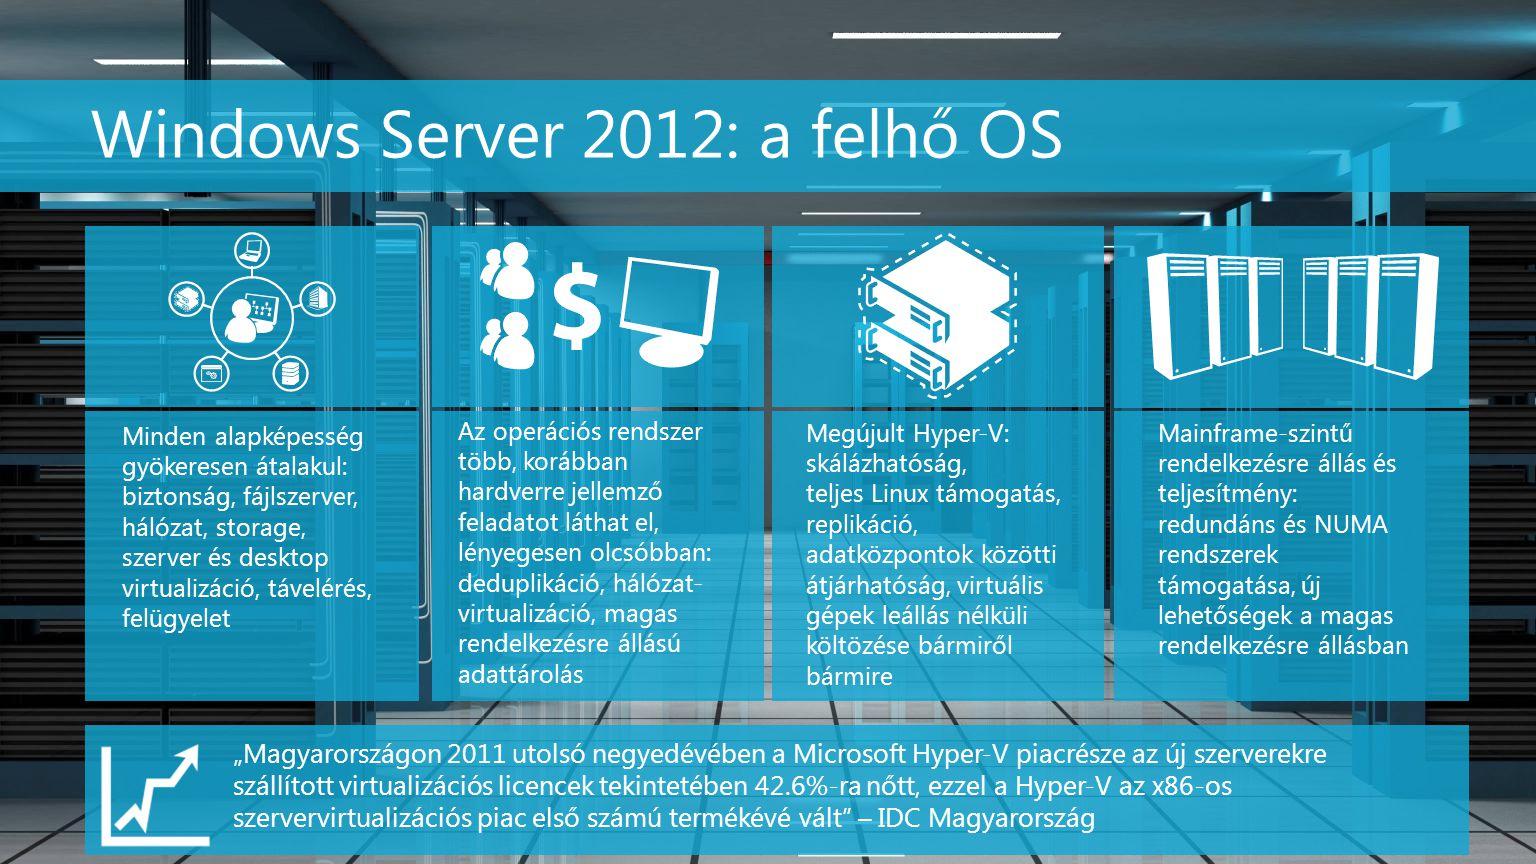 Windows Server 2012: a felhő OS Minden alapképesség gyökeresen átalakul: biztonság, fájlszerver, hálózat, storage, szerver és desktop virtualizáció, t